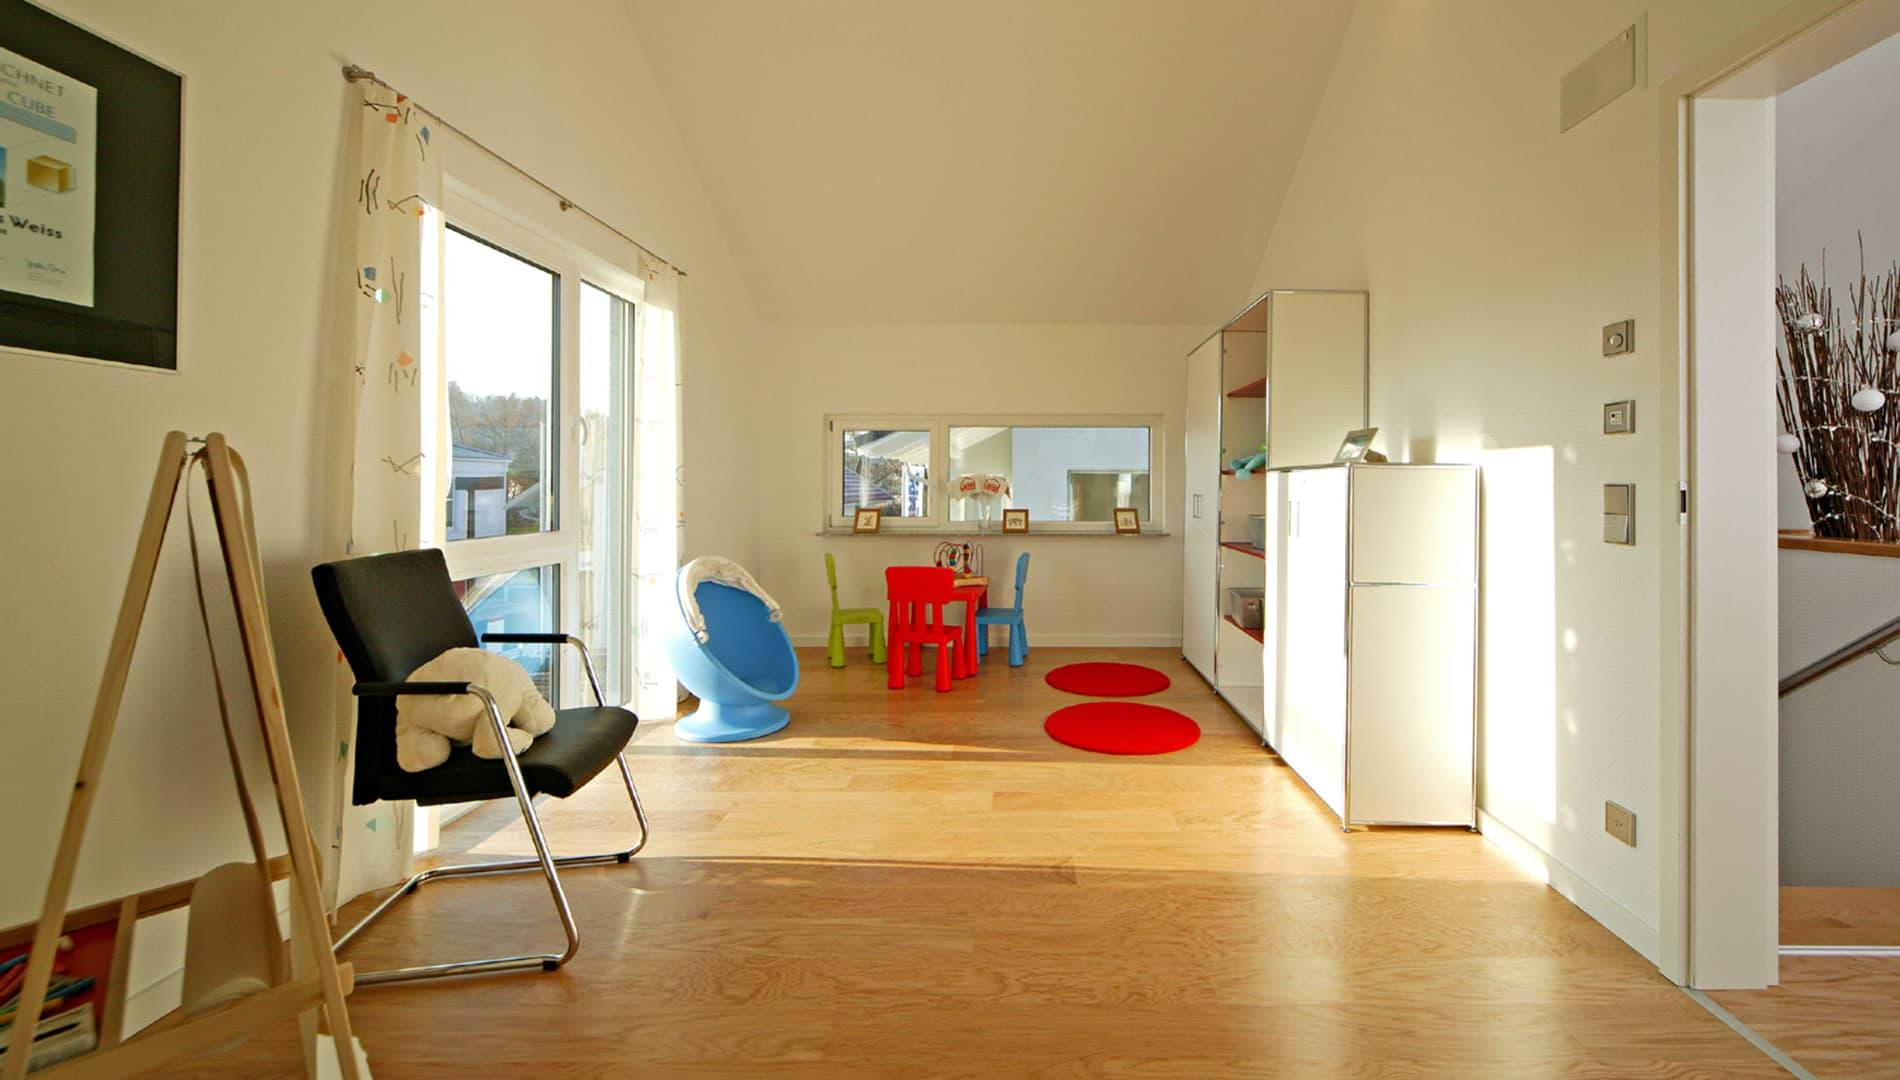 Musterhaus Villingen-Schwenningen - Kinderzimmer